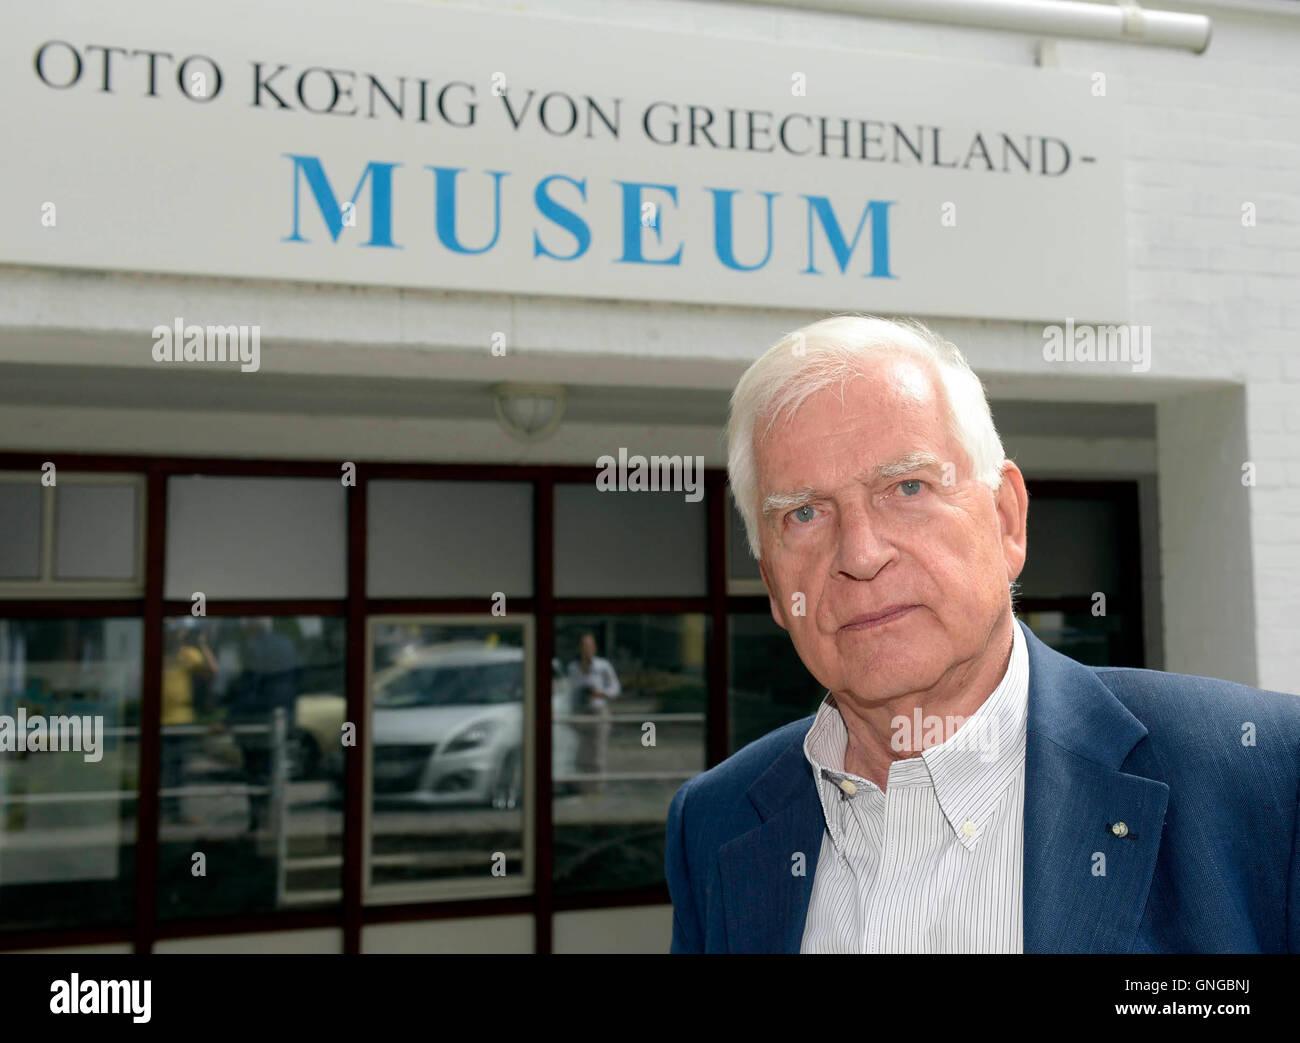 'The ''Otto Koenig von Griechenland Museum'' in Ottobrunn, 2014' - Stock Image